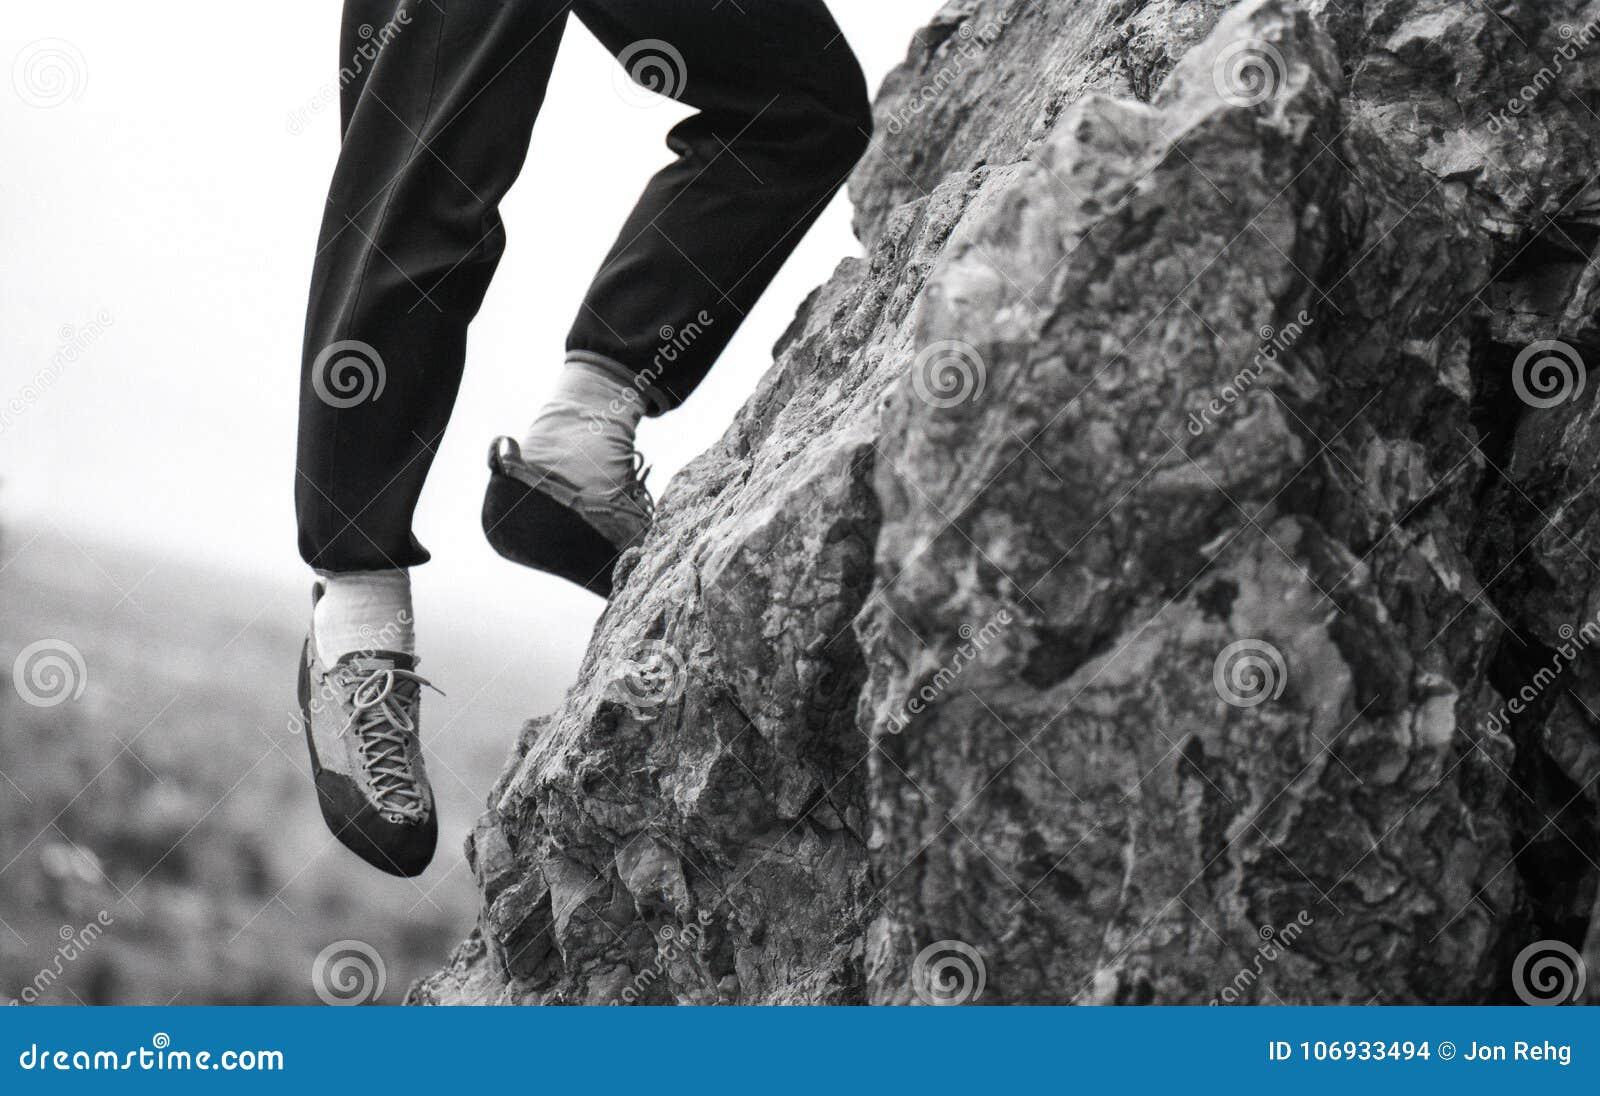 Альпинист утеса при одна нога вися с края выхода на поверхность скалы над смотреть долину ниже